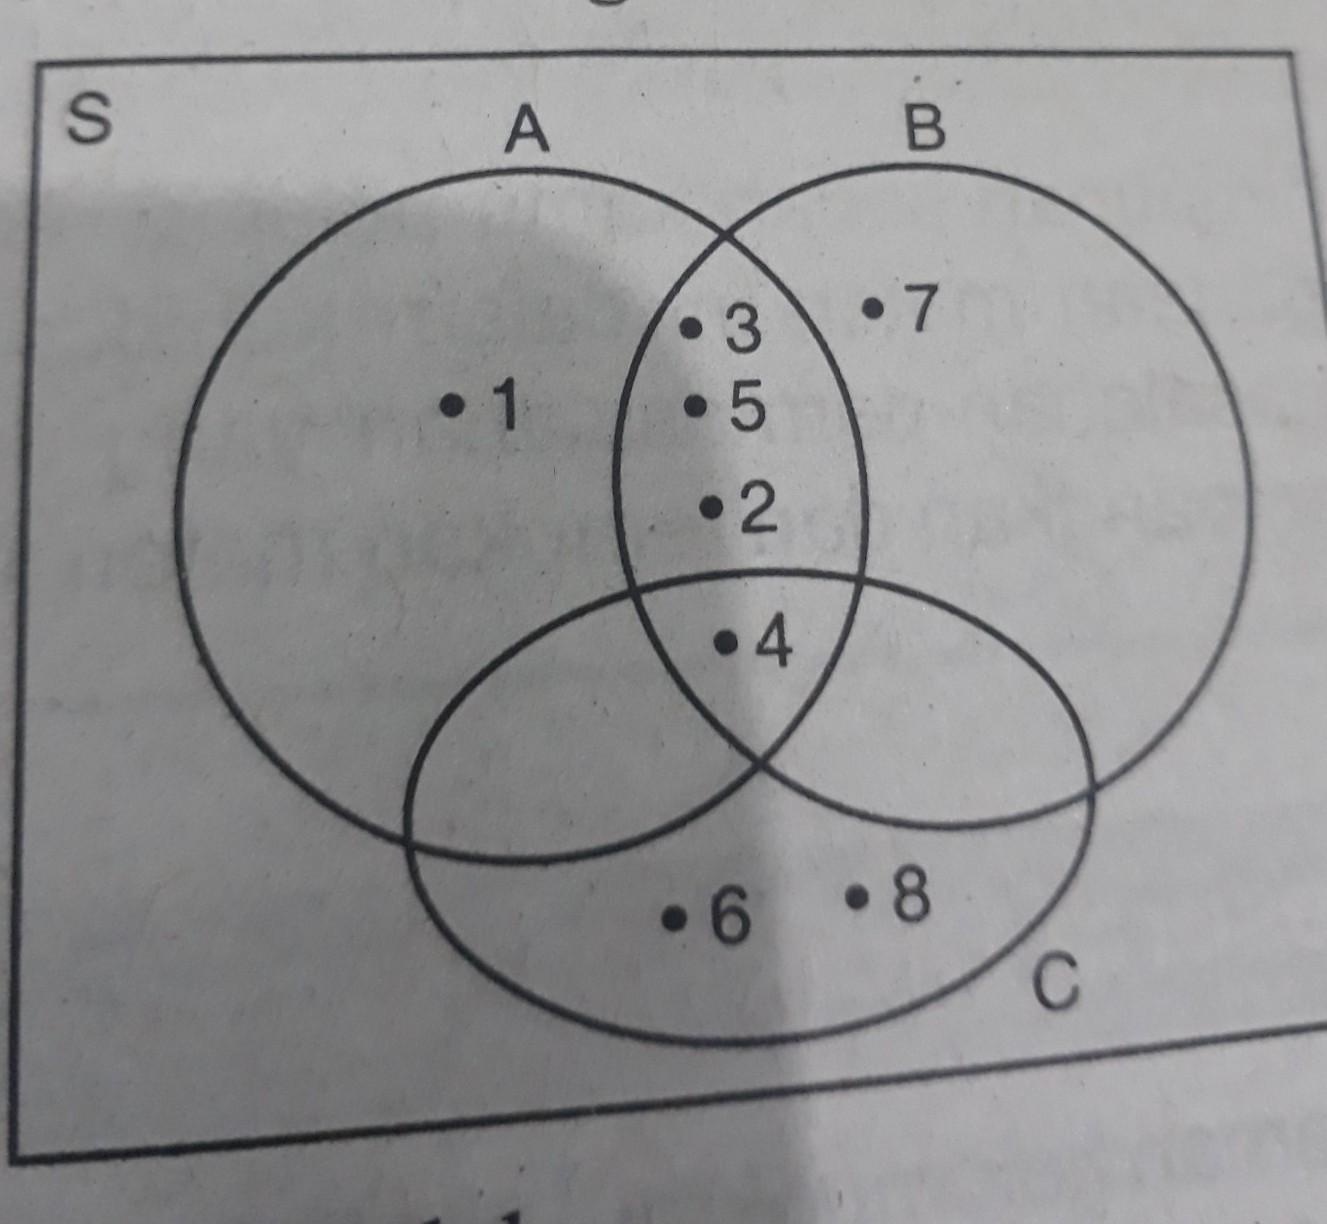 Perhatikan Diagram Venn Berikut Tentukanlah A A Irisan B Gabungan Cb A Irisan B Gabungan C C Brainly Co Id